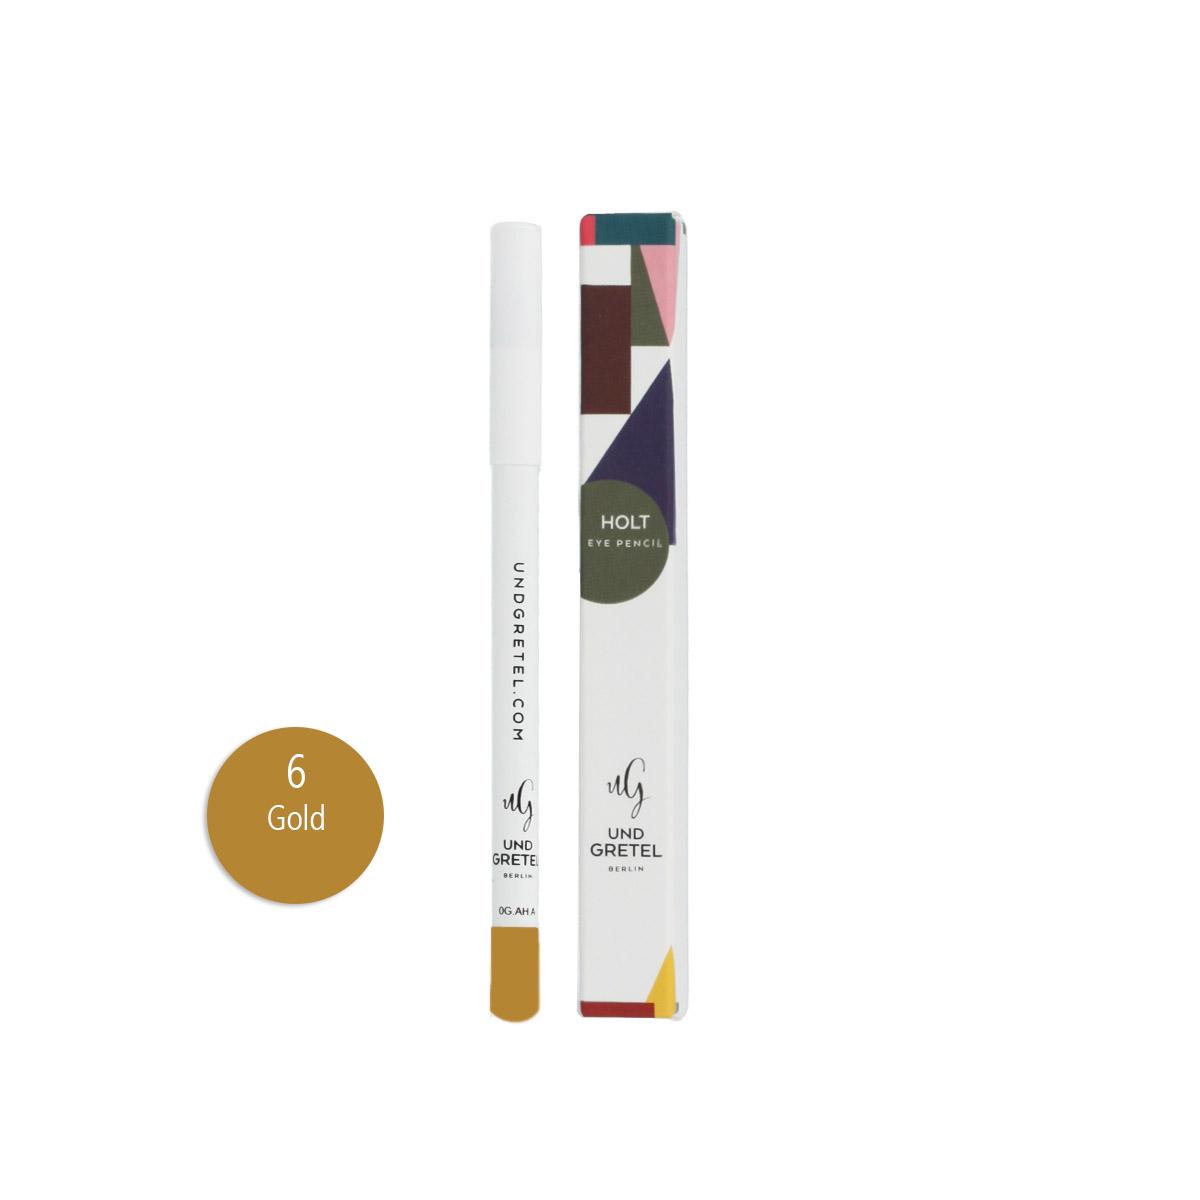 Und Gretel HOLT Eye Pencil (6 Gold) 1,13 g 12830